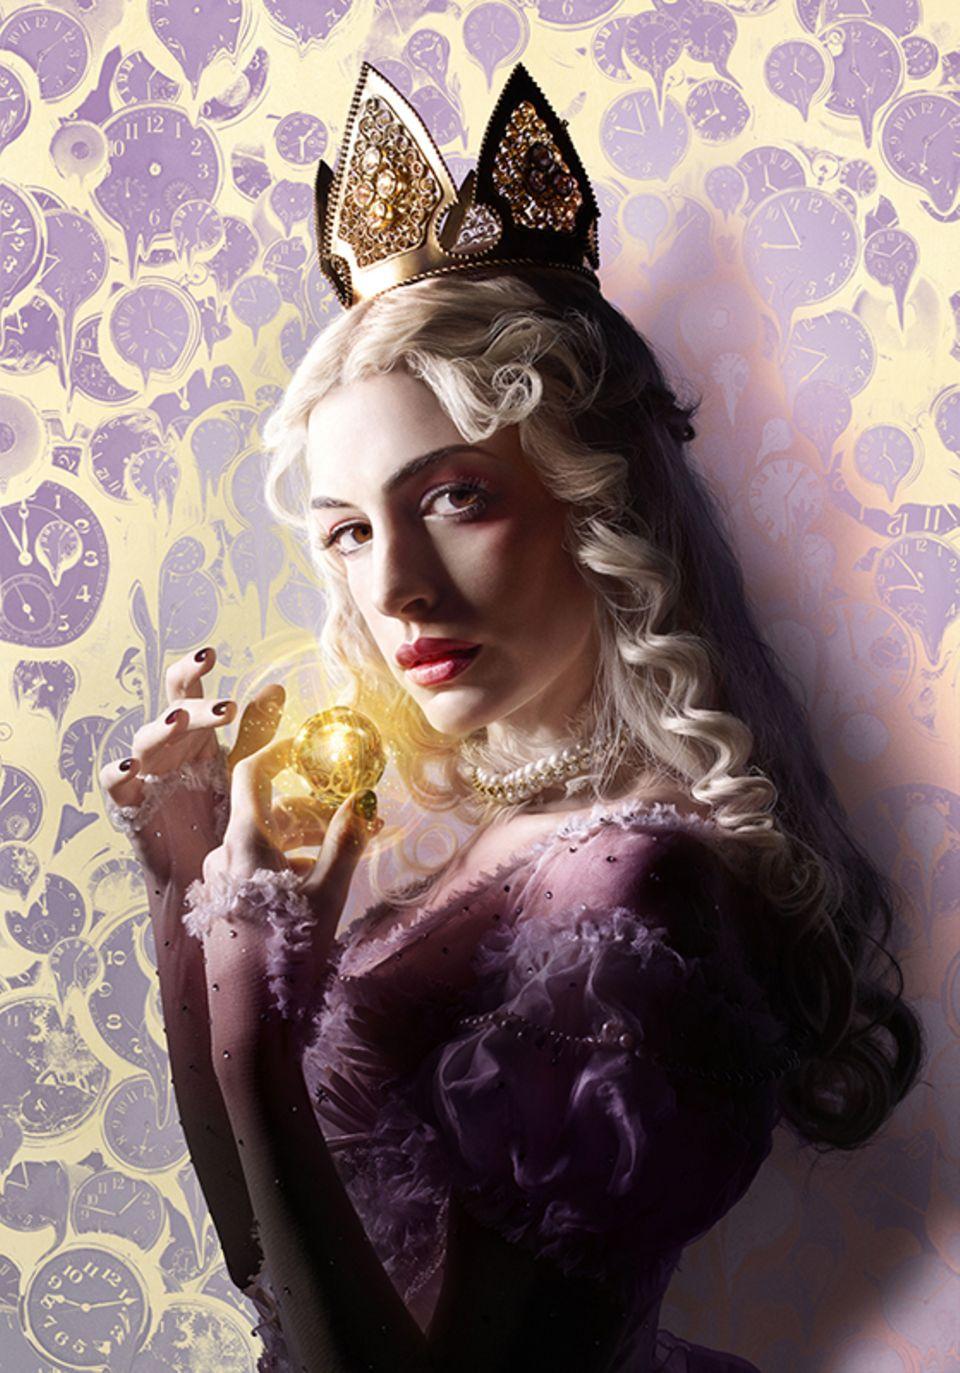 """Anne Hathaway als weiße Königin in """"Alice Through The Looking Glass"""" (OT), dem zweiten Teil von """"Alice im Wunderland"""". Der von Tim Burton produzierte FIlm kommt am 26.05.2016 in die deutschen Kinos."""